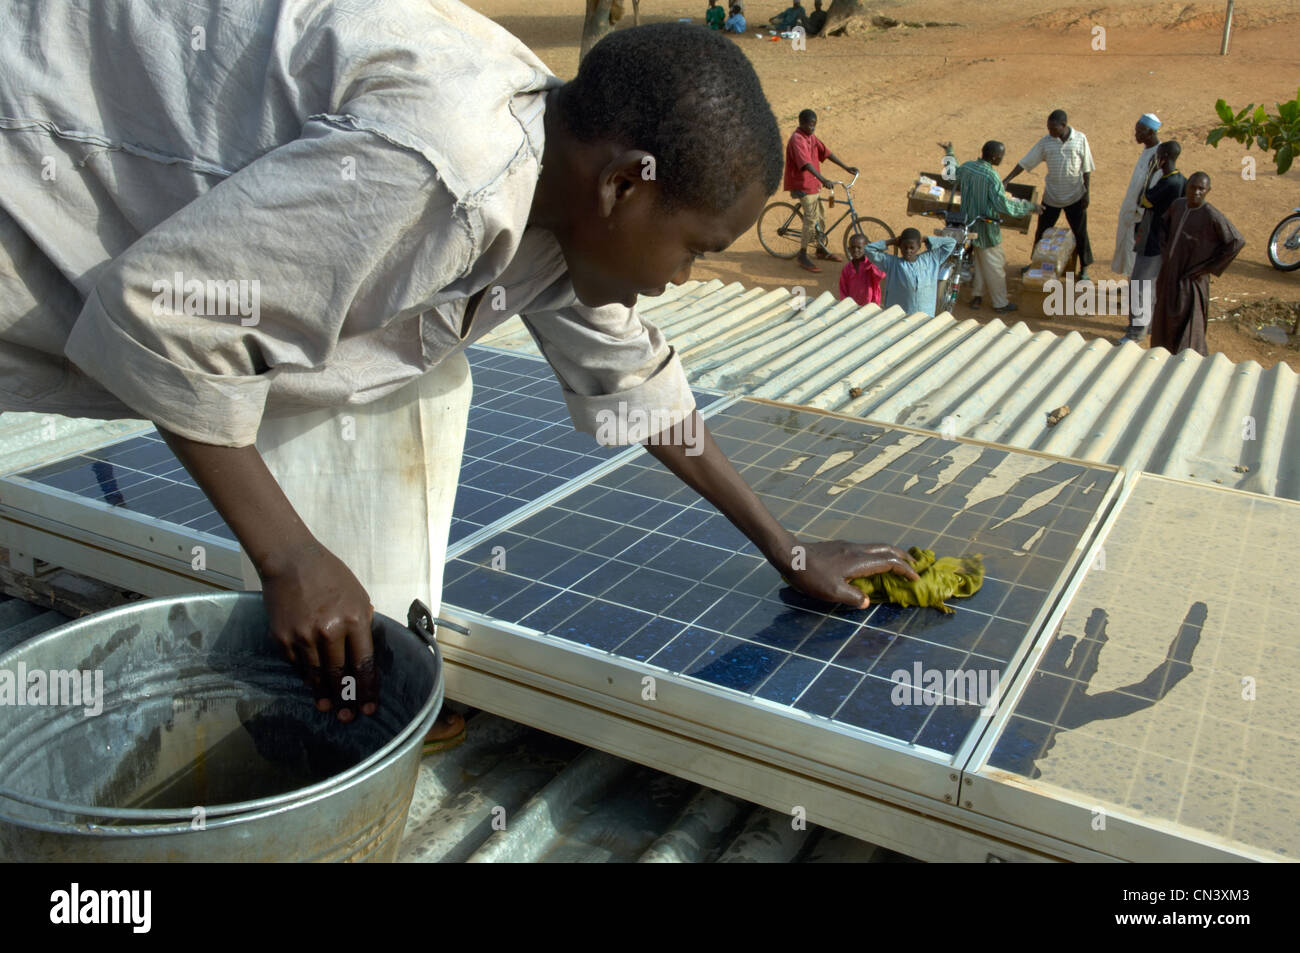 Joven limpia el polvo de los paneles solares en África Foto de stock